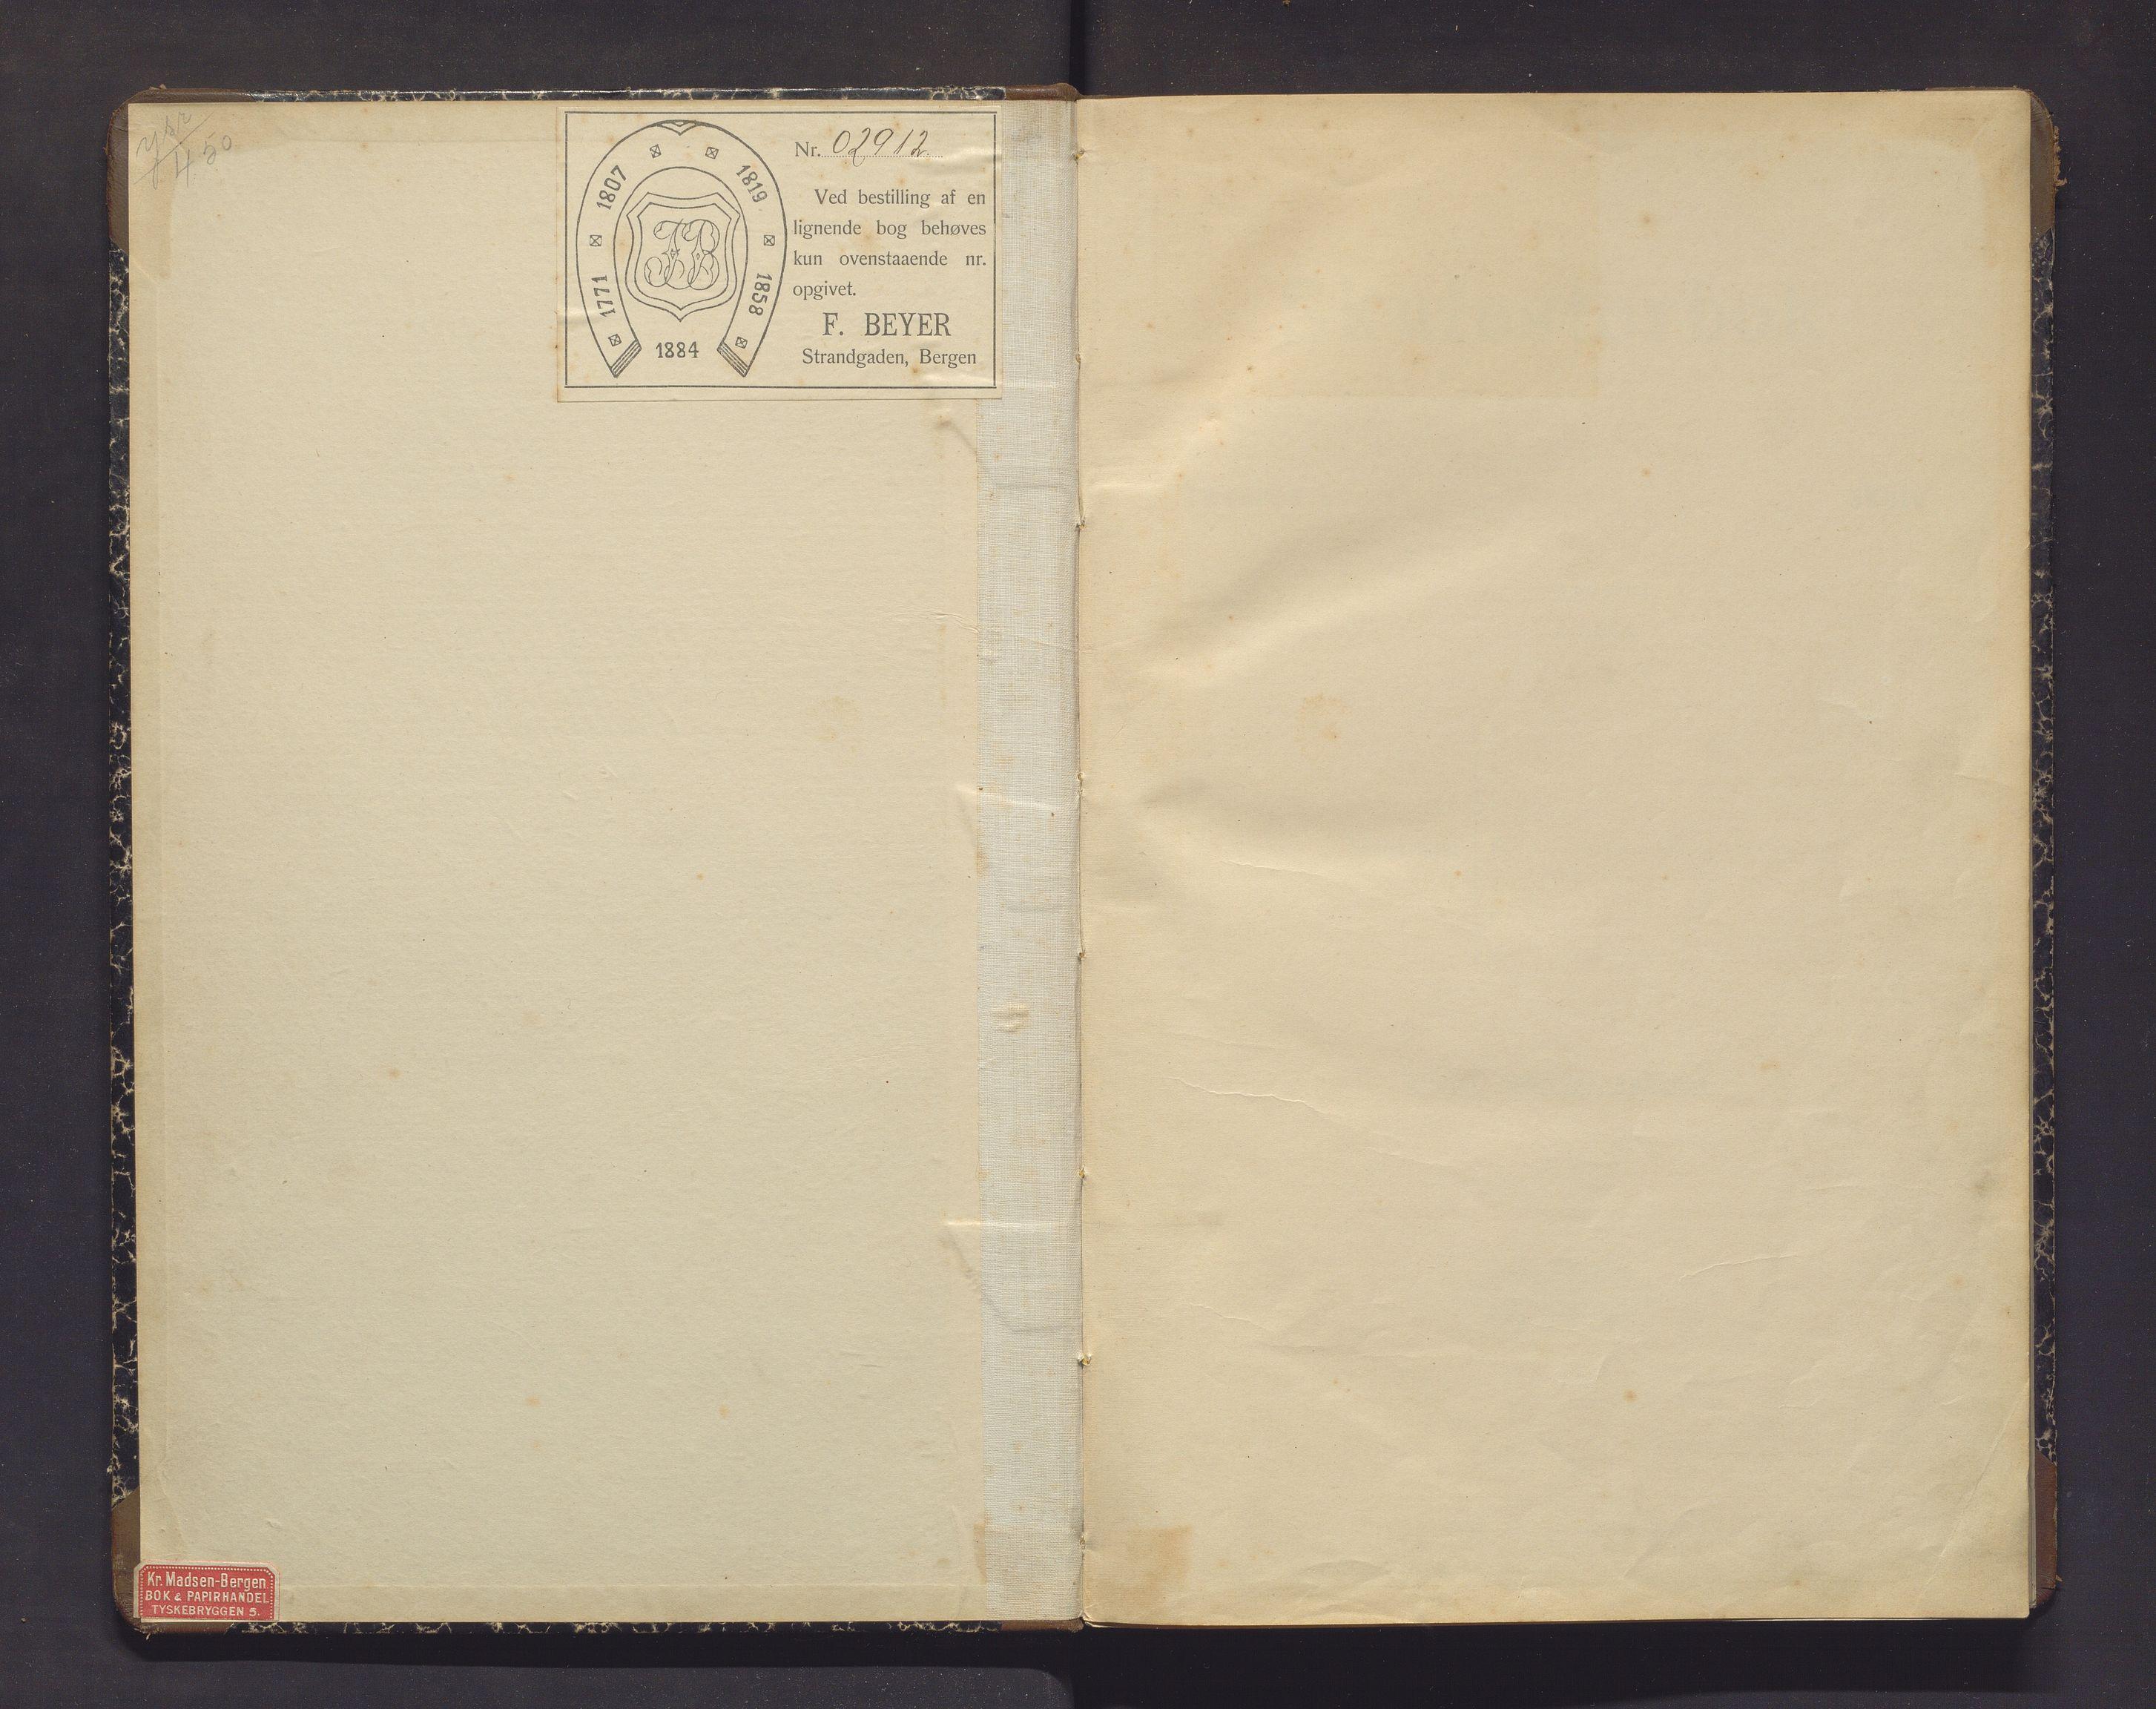 IKAH, Lindås kommune. Barneskulane, F/Fa/L0032: Skuleprotokoll for Møksvold, Bergfjord og Fæste krinsar, 1917-1920